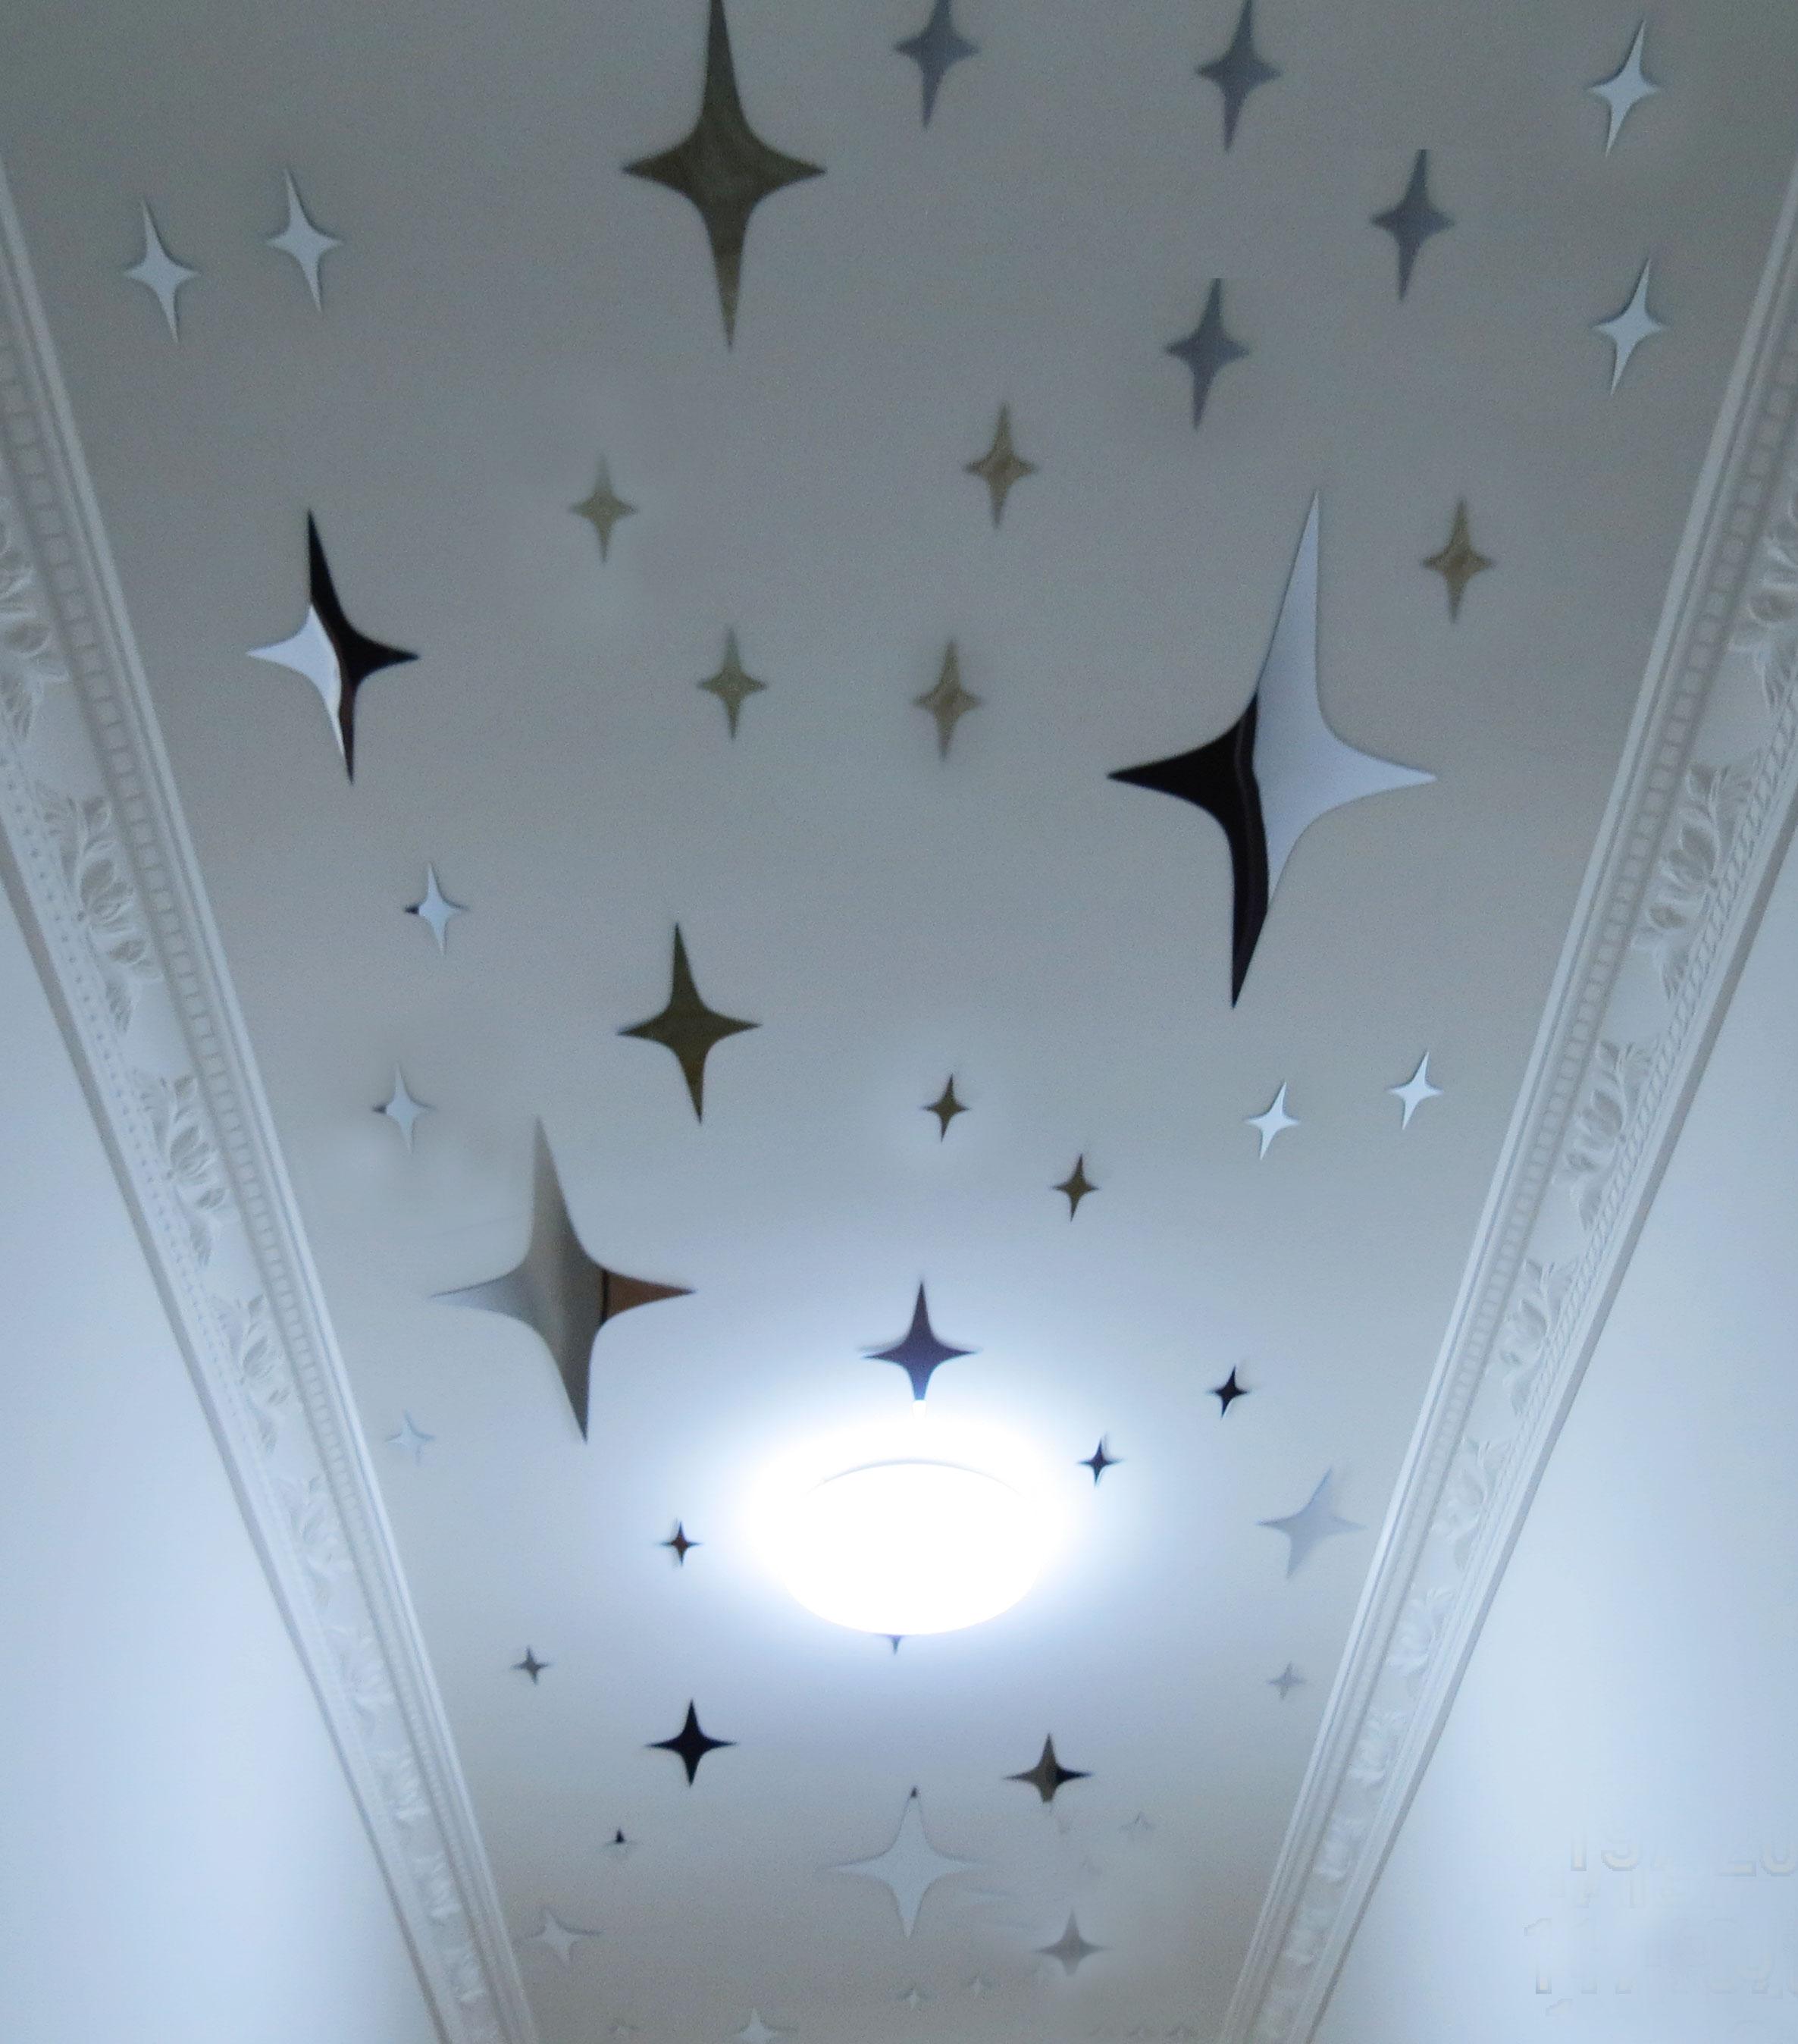 Autocollants plafond toil promotion achetez des for Miroir au plafond pourquoi